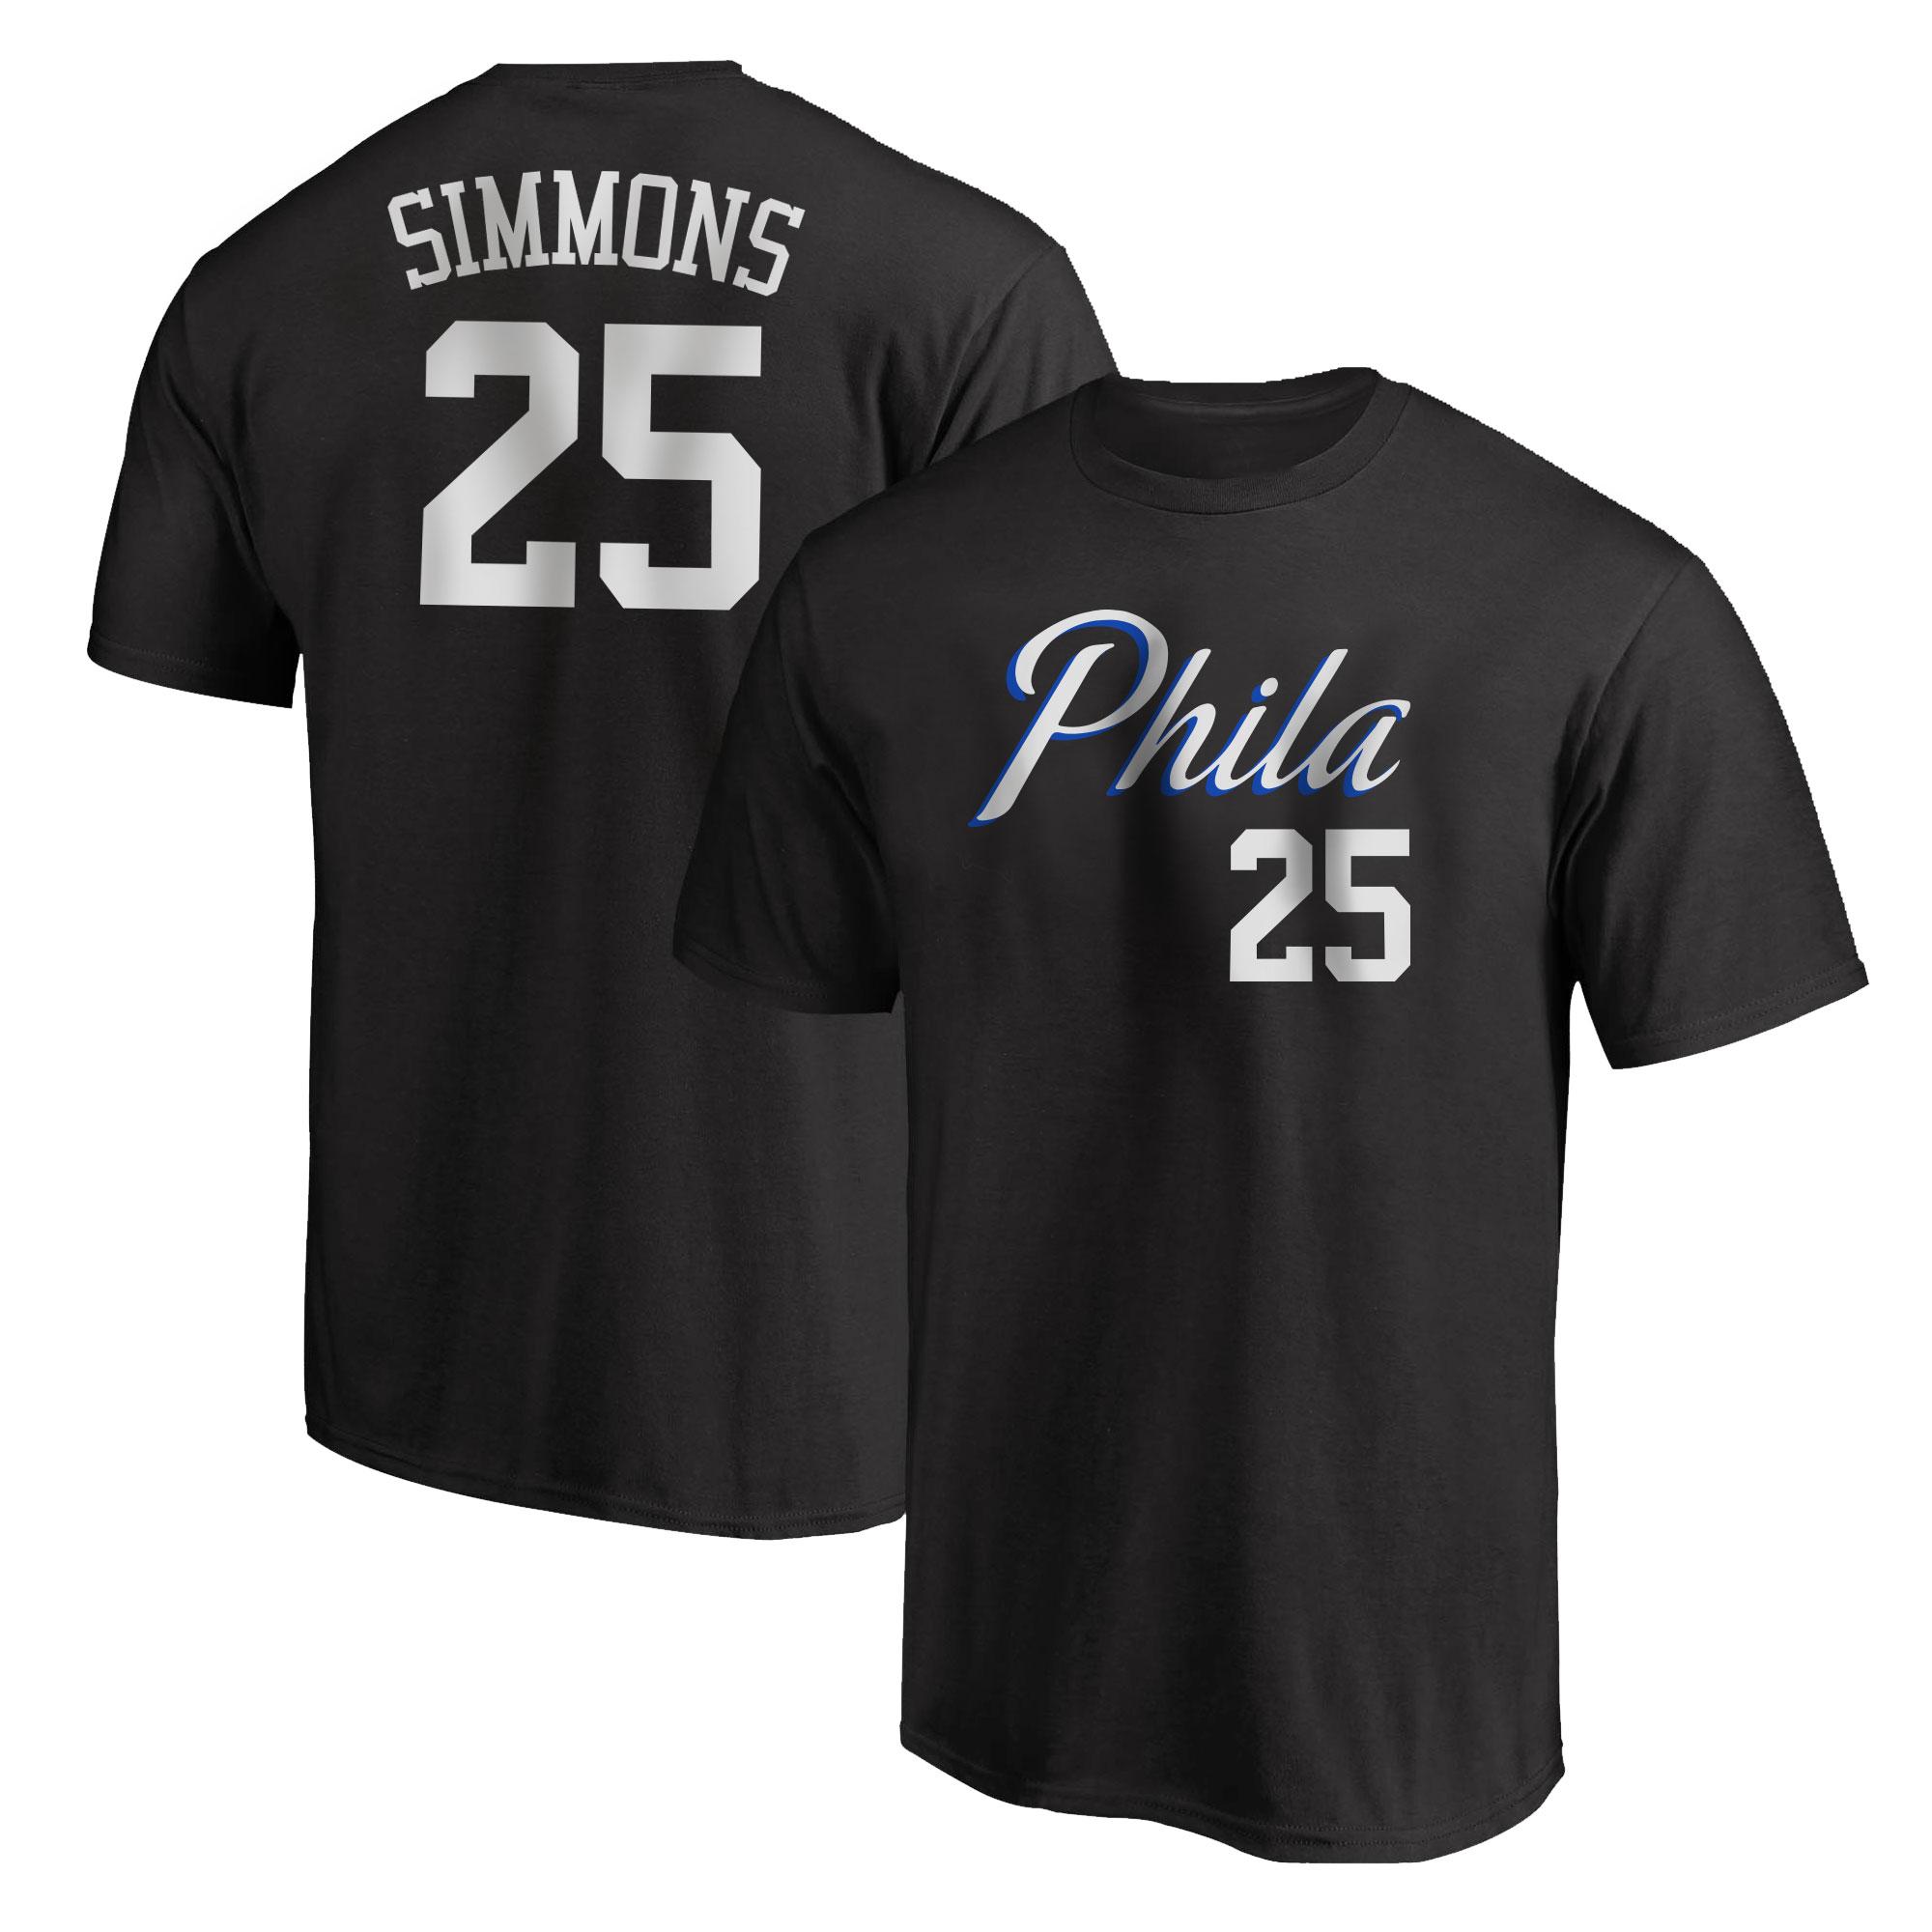 Philadelphia 76ers Ben Simmons  Tshirt (TSH-BLC-NP-504-25)